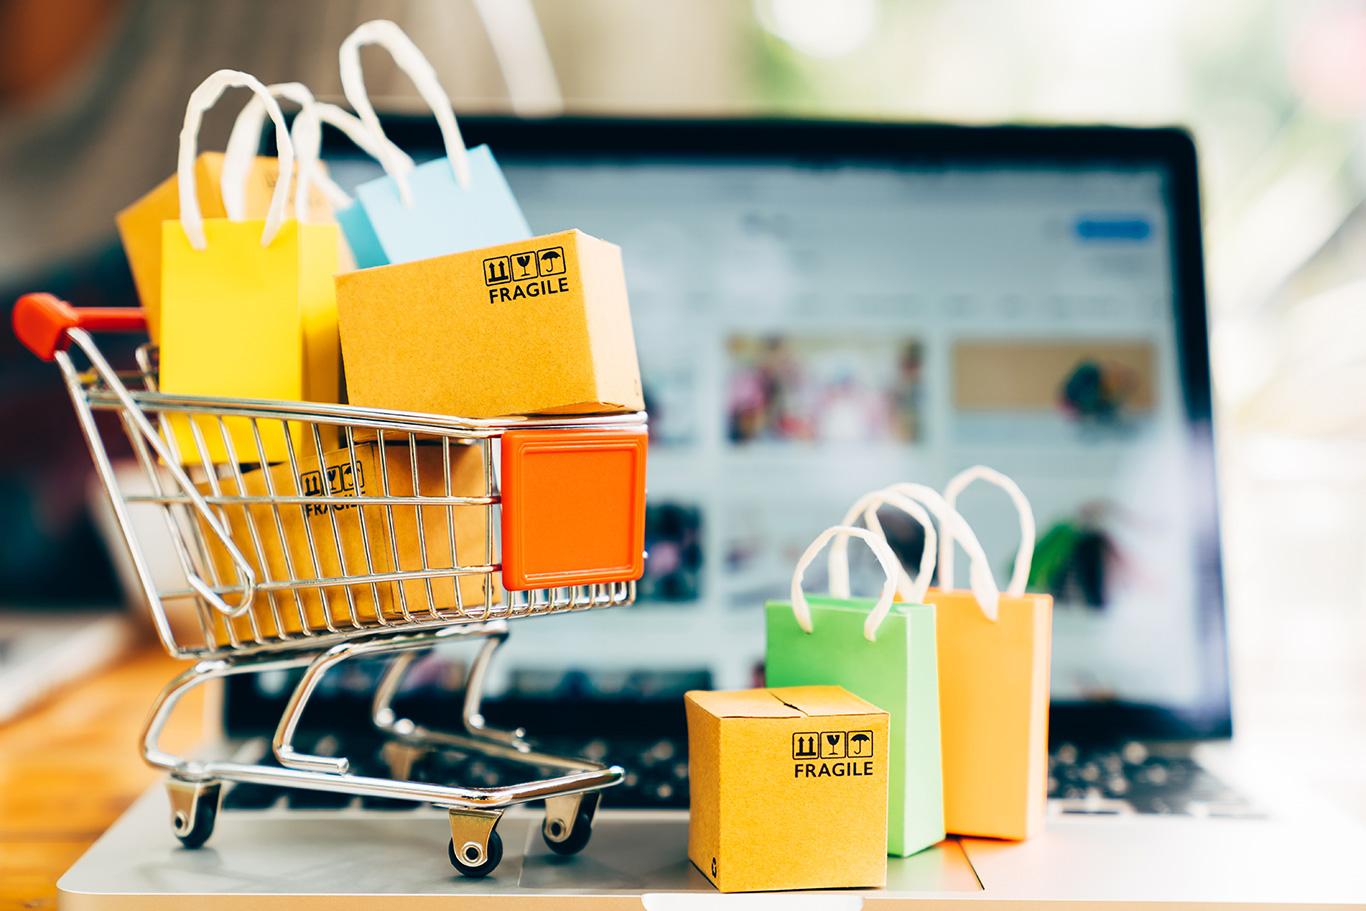 ဈေးမဝယ်ခင်တစ်ကြိမ်လောက်စဉ်းစားကြပါစို့။/買い物する前に一度考えましょう。